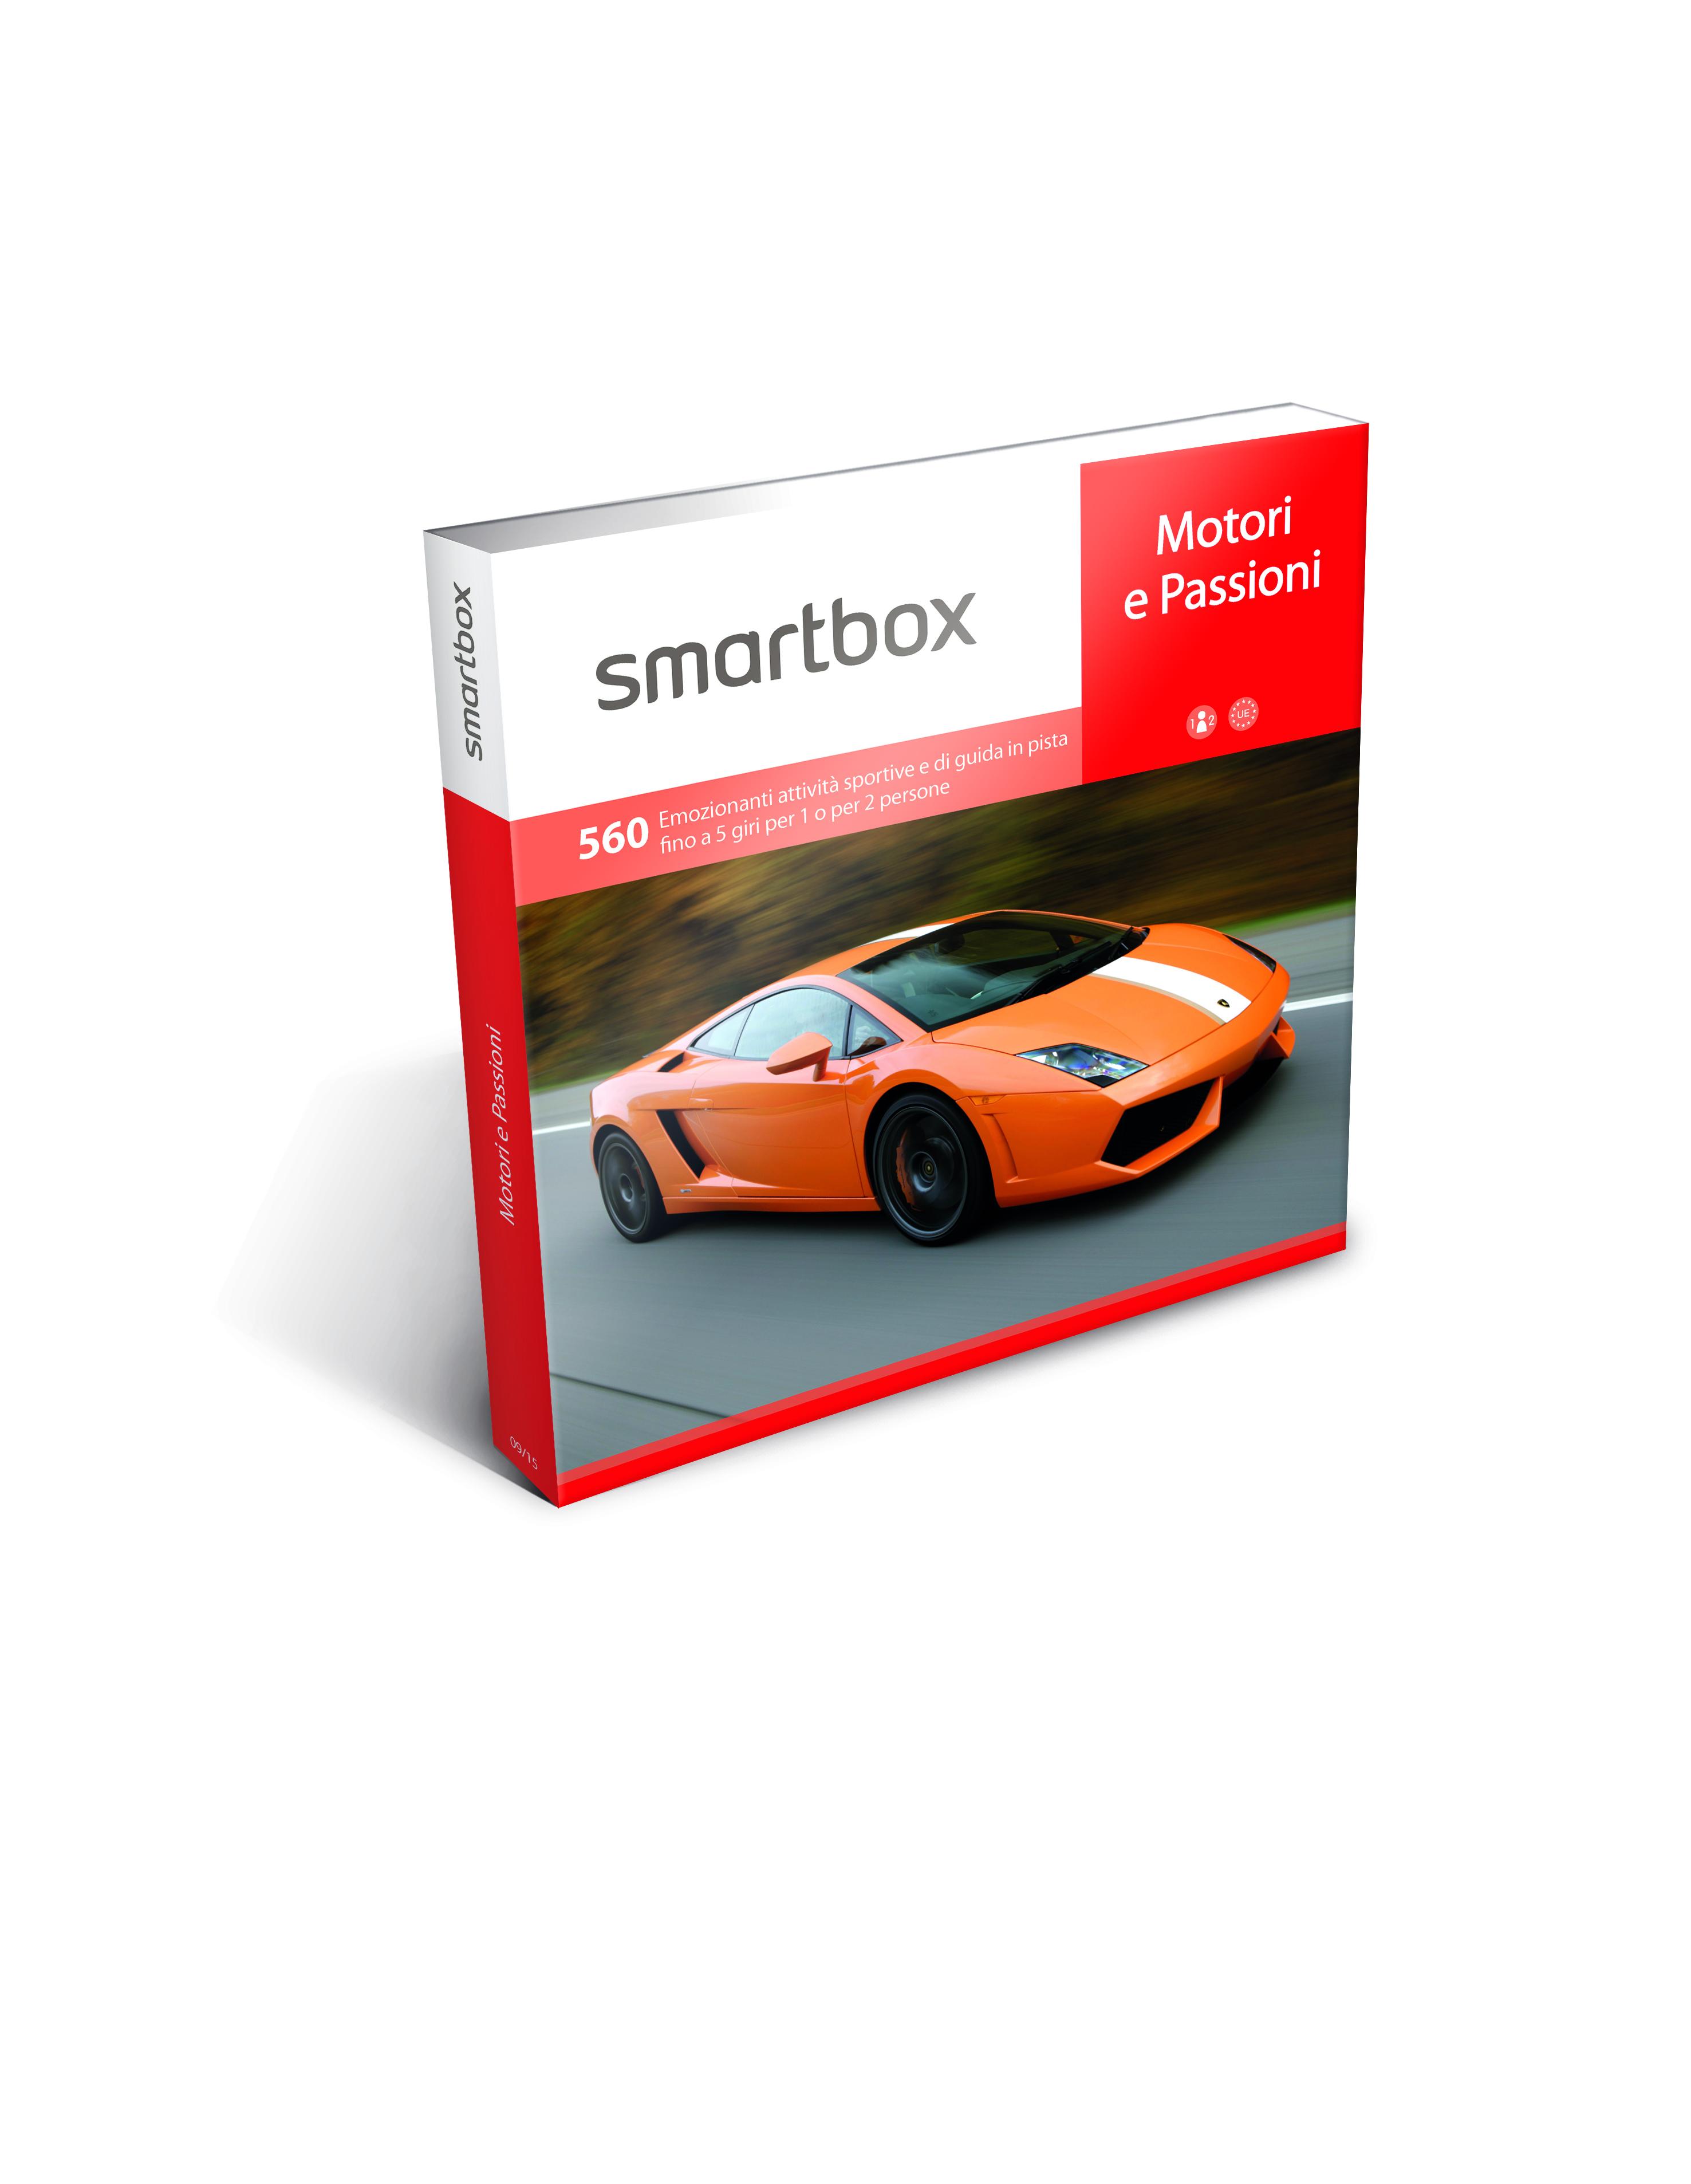 smartbox® si arricchisce con nuove proposte